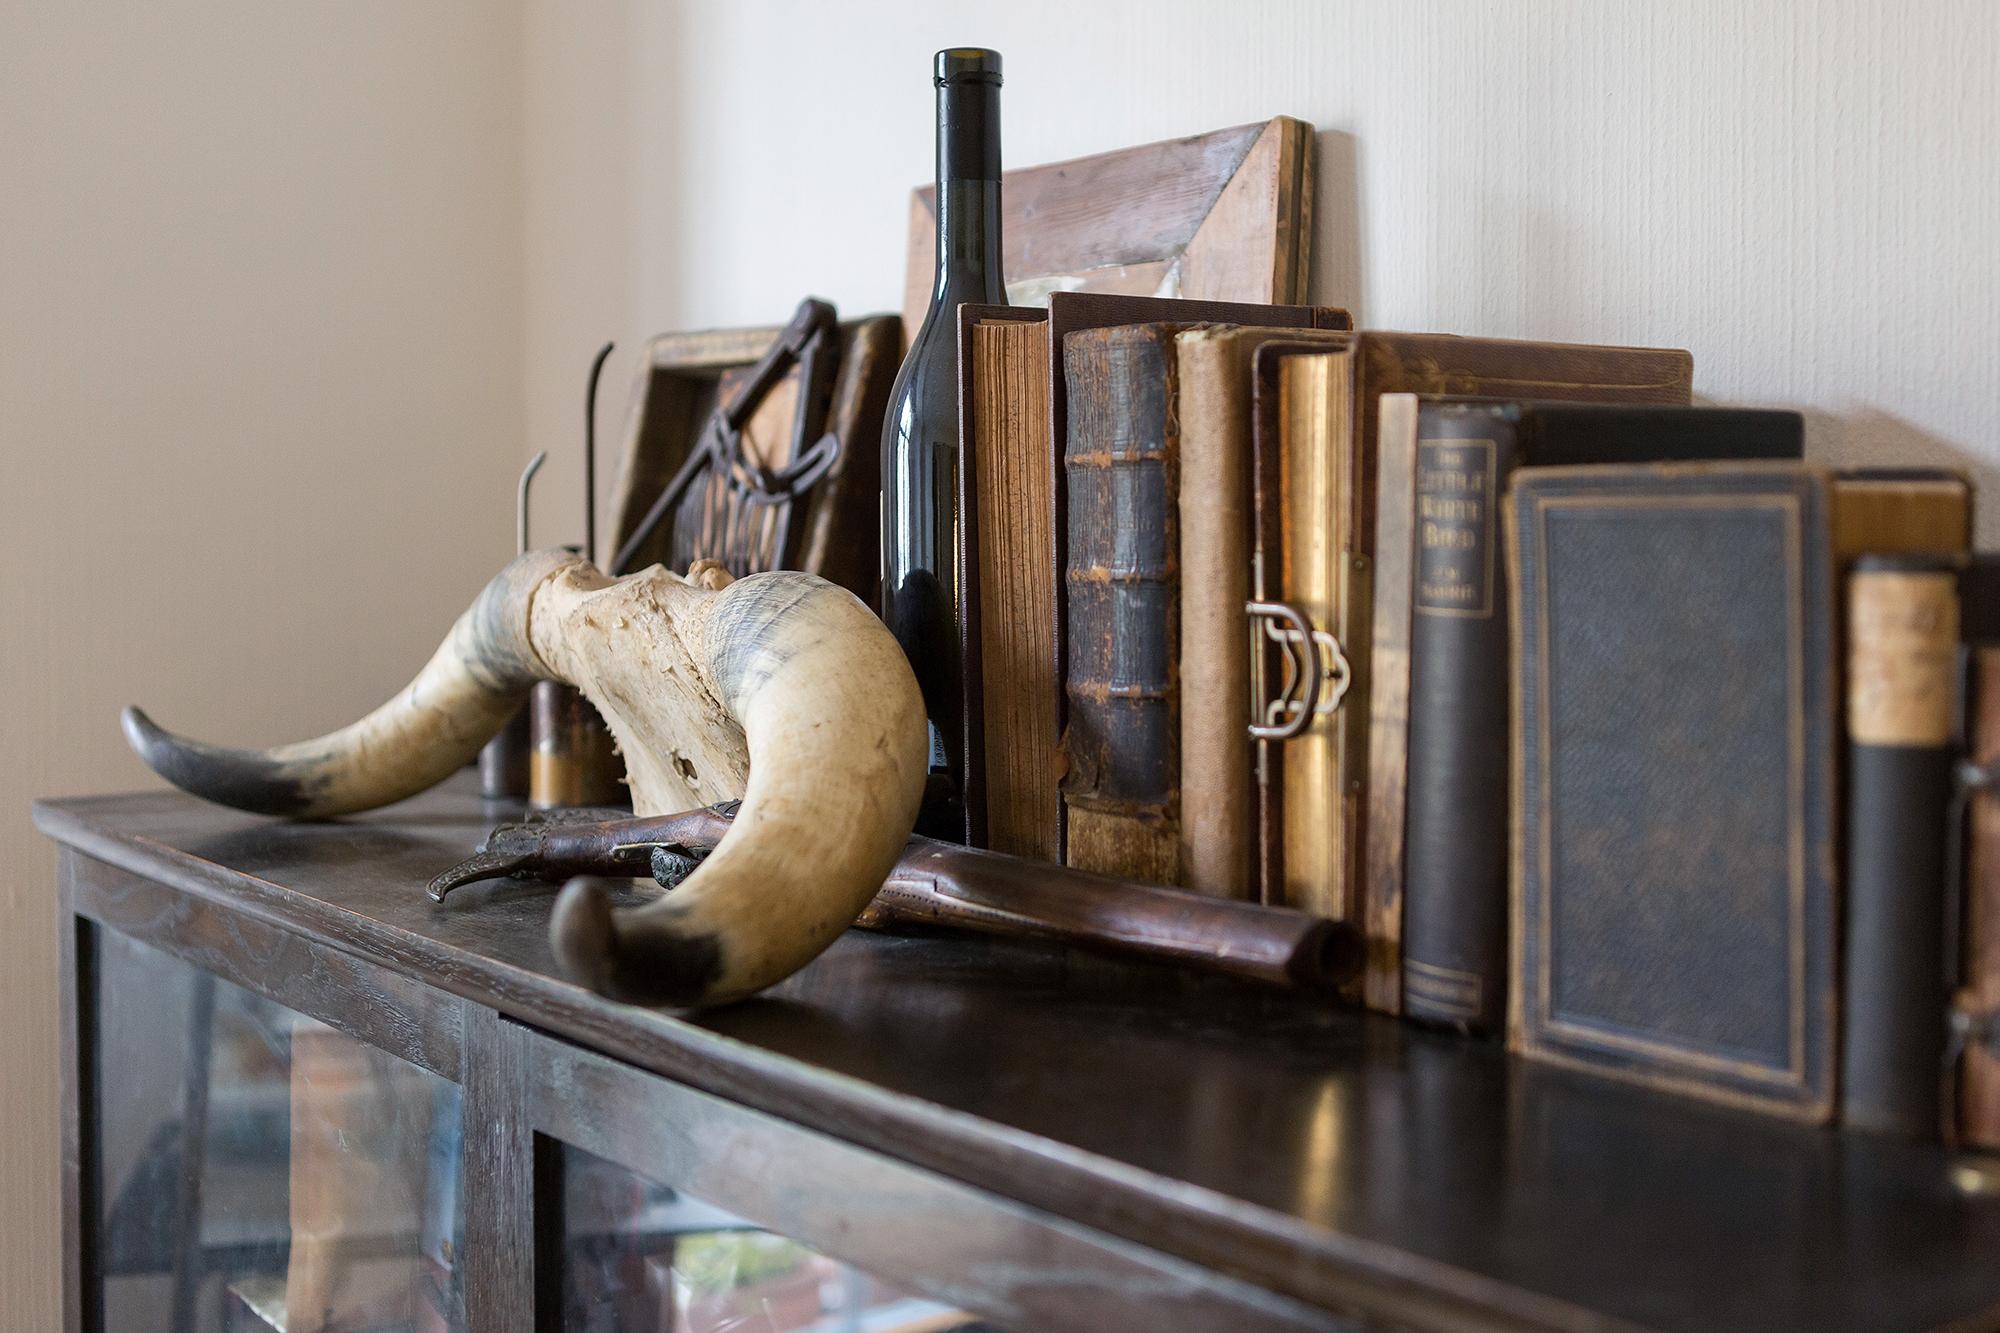 In Joel Vergeats Wohnung befindet sich an grosser Schatz an Gegenständen aus vergangen Zeiten.